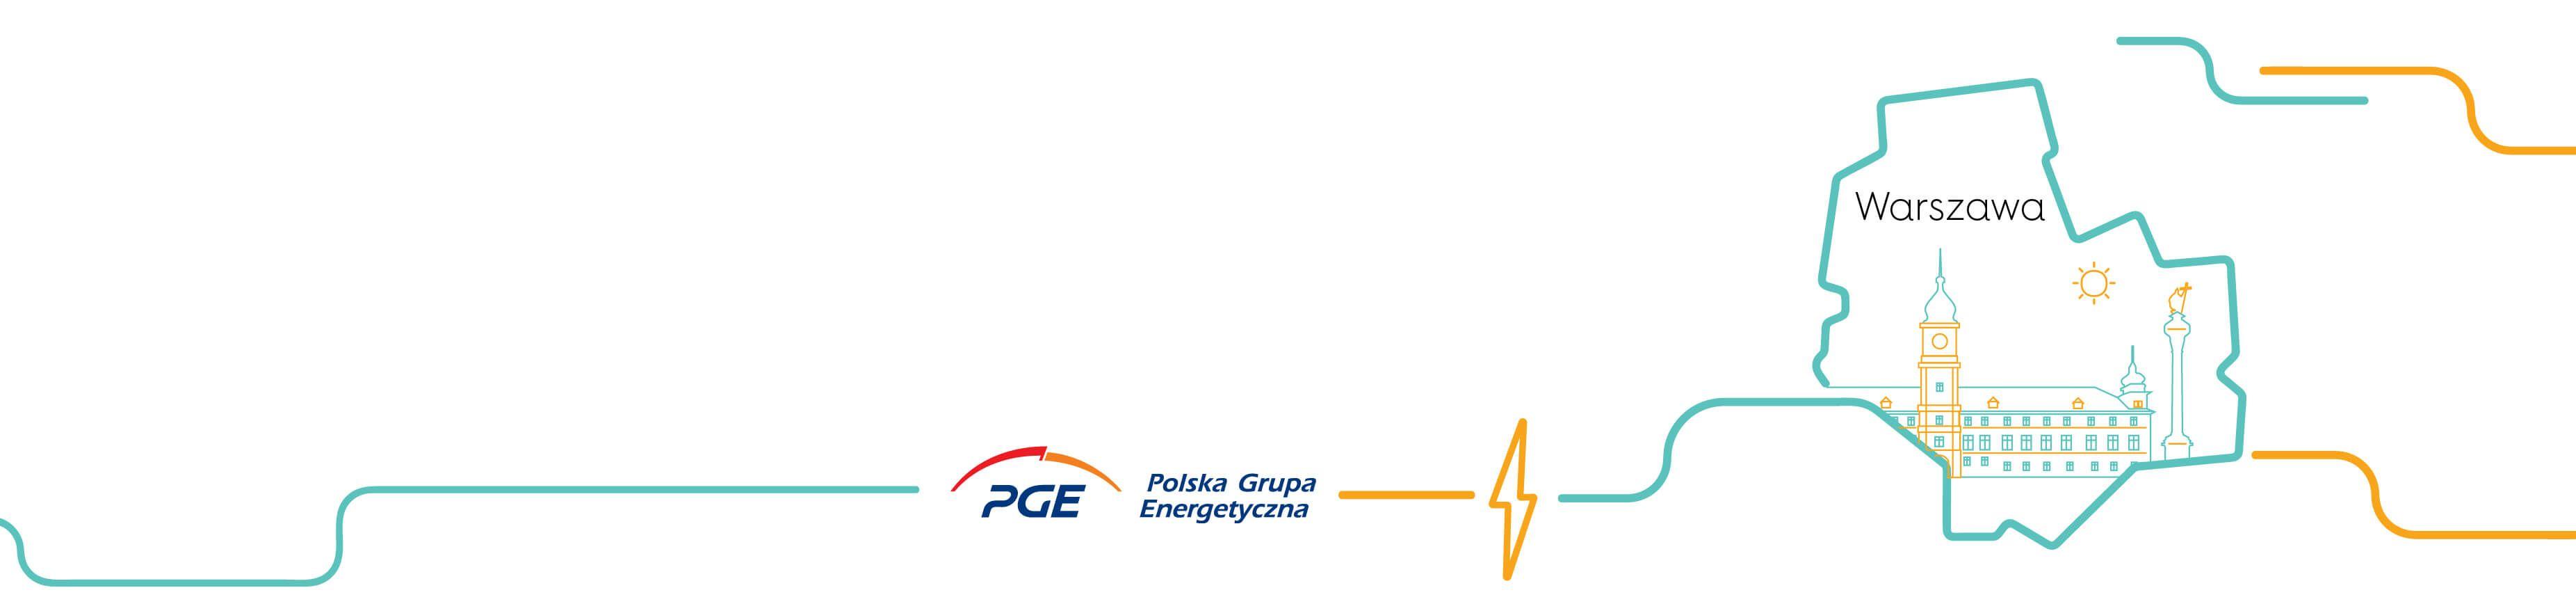 Jesteśmy częścią PGE